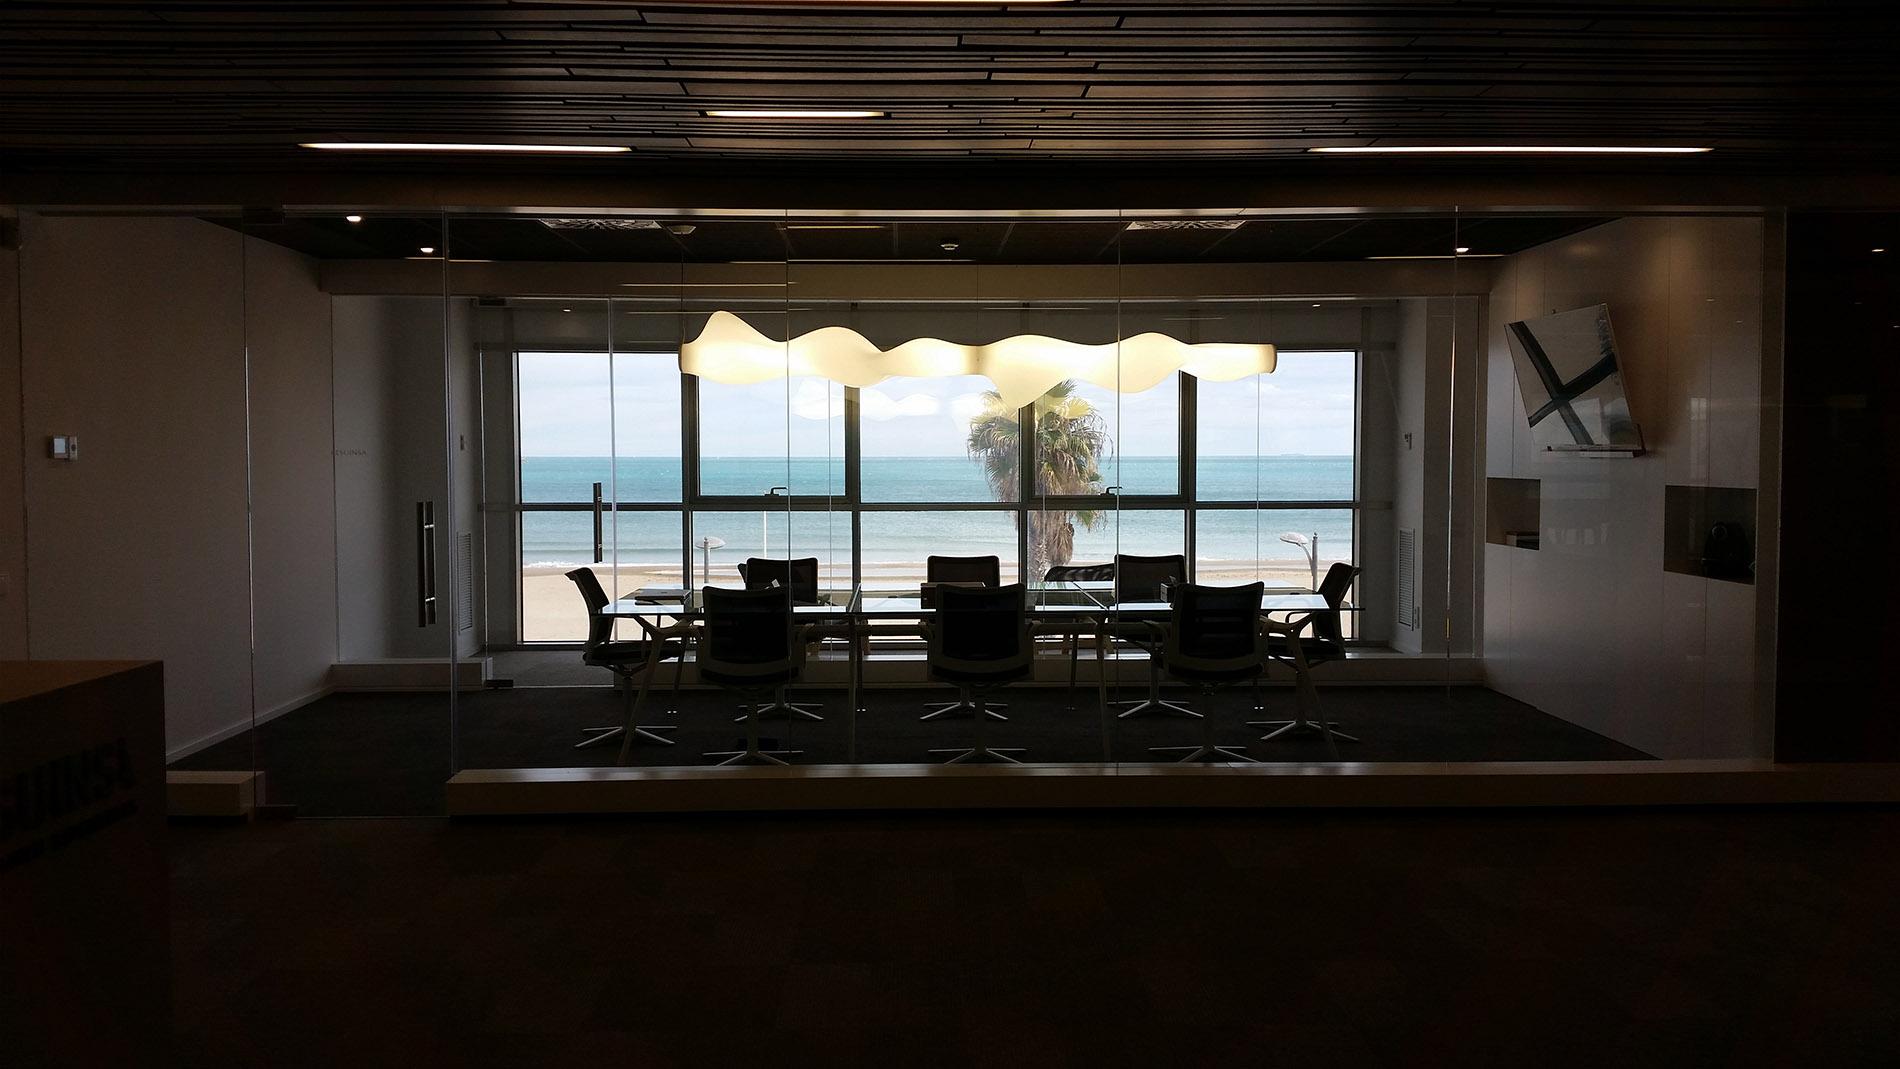 Muebles de oficina en valencia muebles de oficina - Muebles oficina segunda mano valencia ...